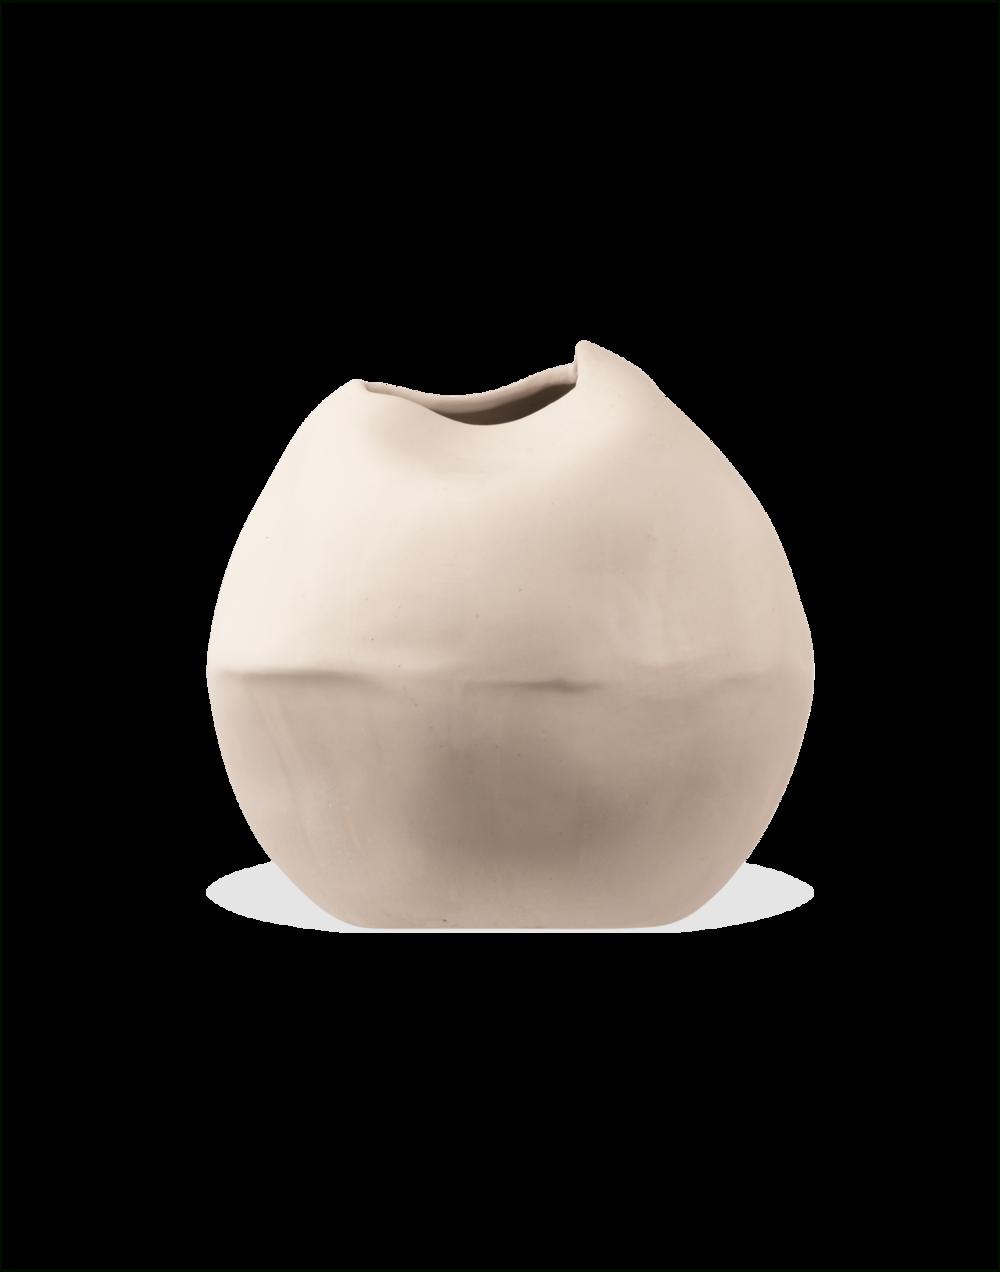 Completedworks-Ceramics-Object-12-1-1.png